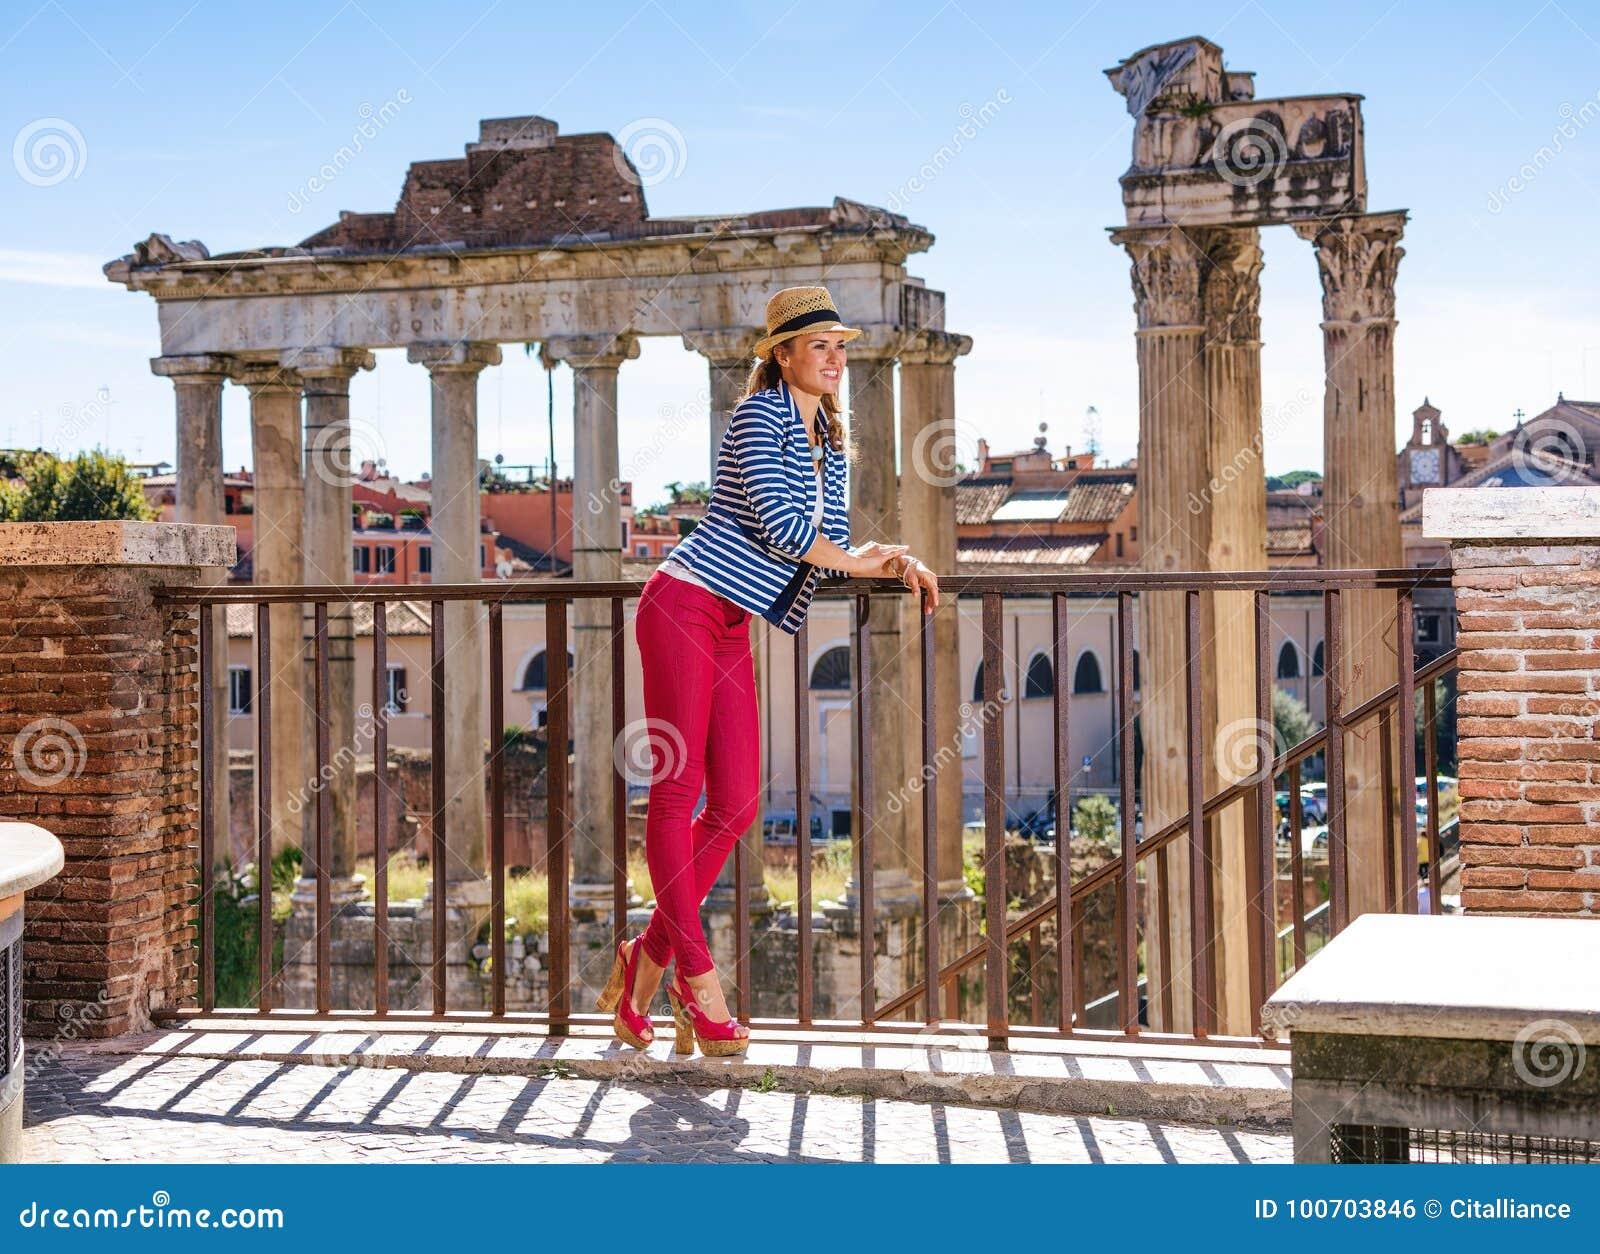 римские каникулы туроператор отзывы - 12